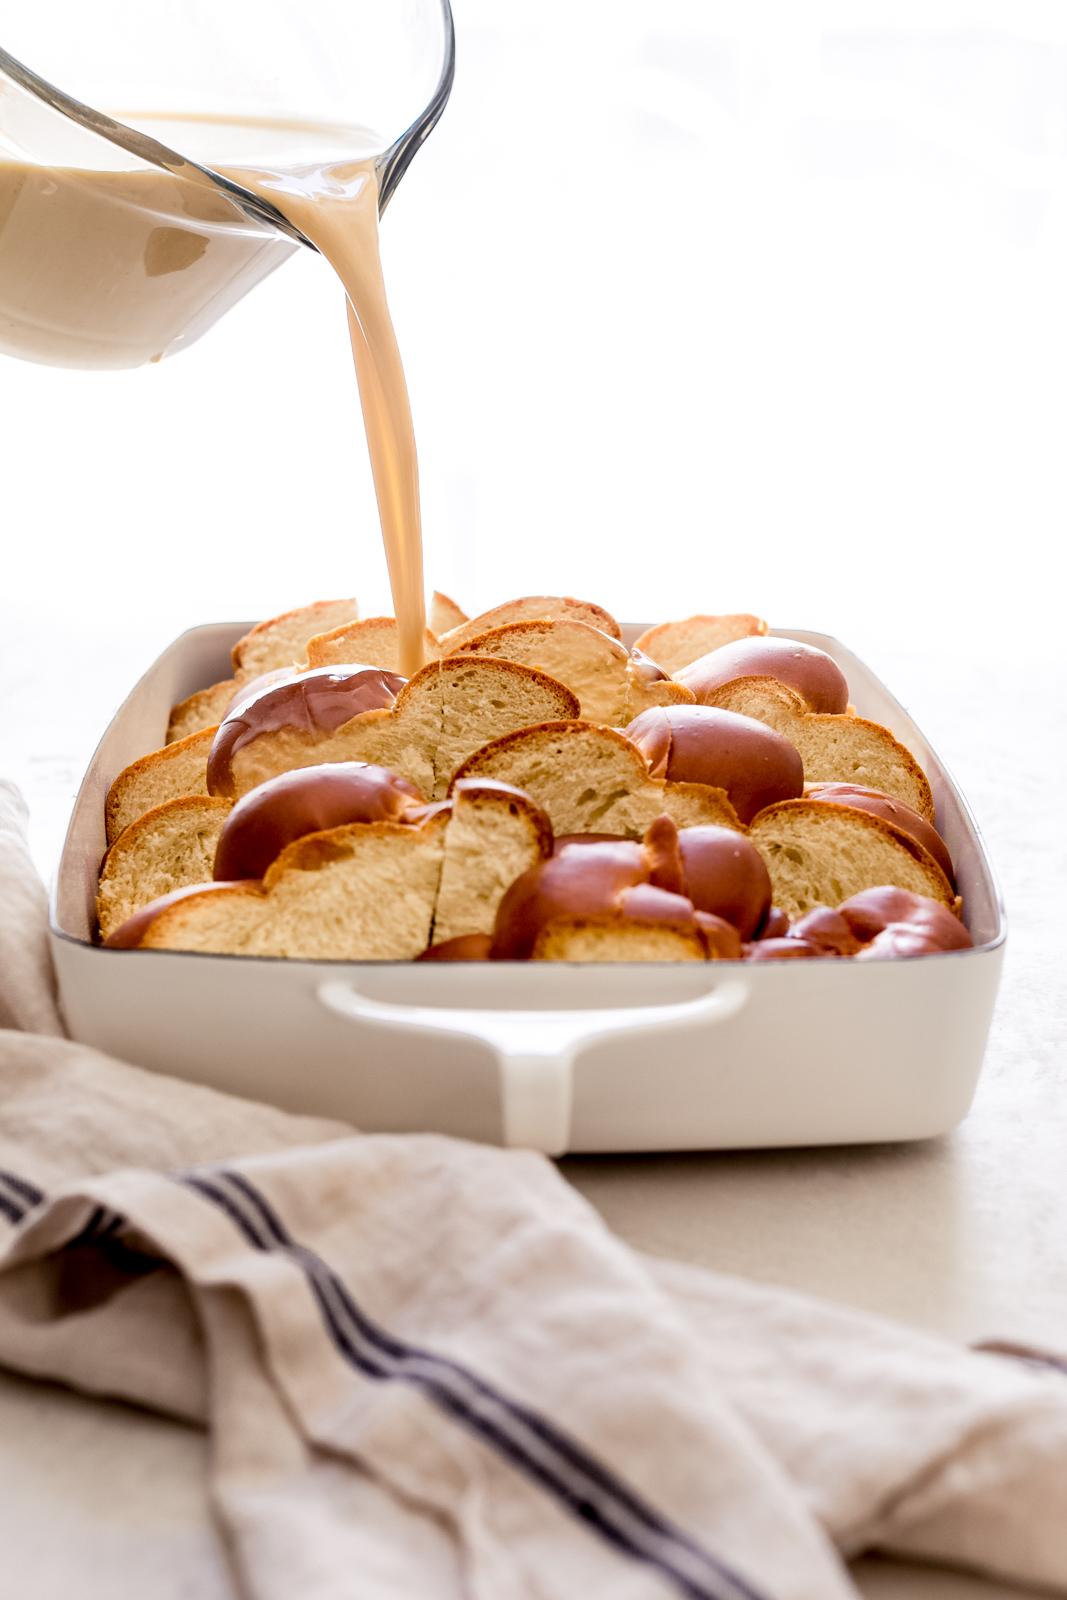 pouring vanilla custard over slices of brioche bread in white baking dish